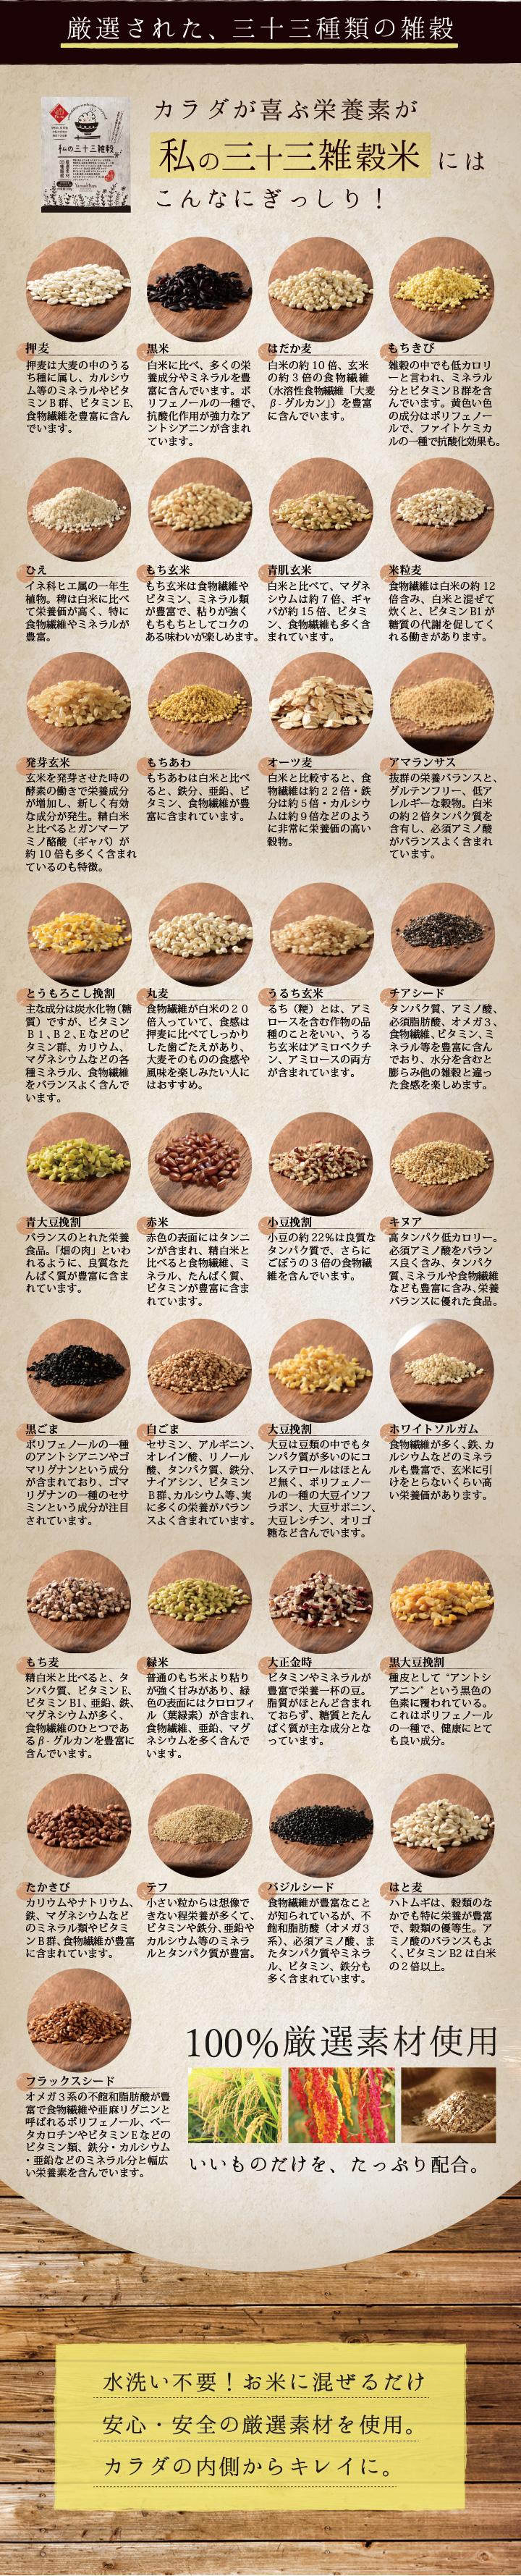 私の三十三雑穀 雑穀米 スーパーフード